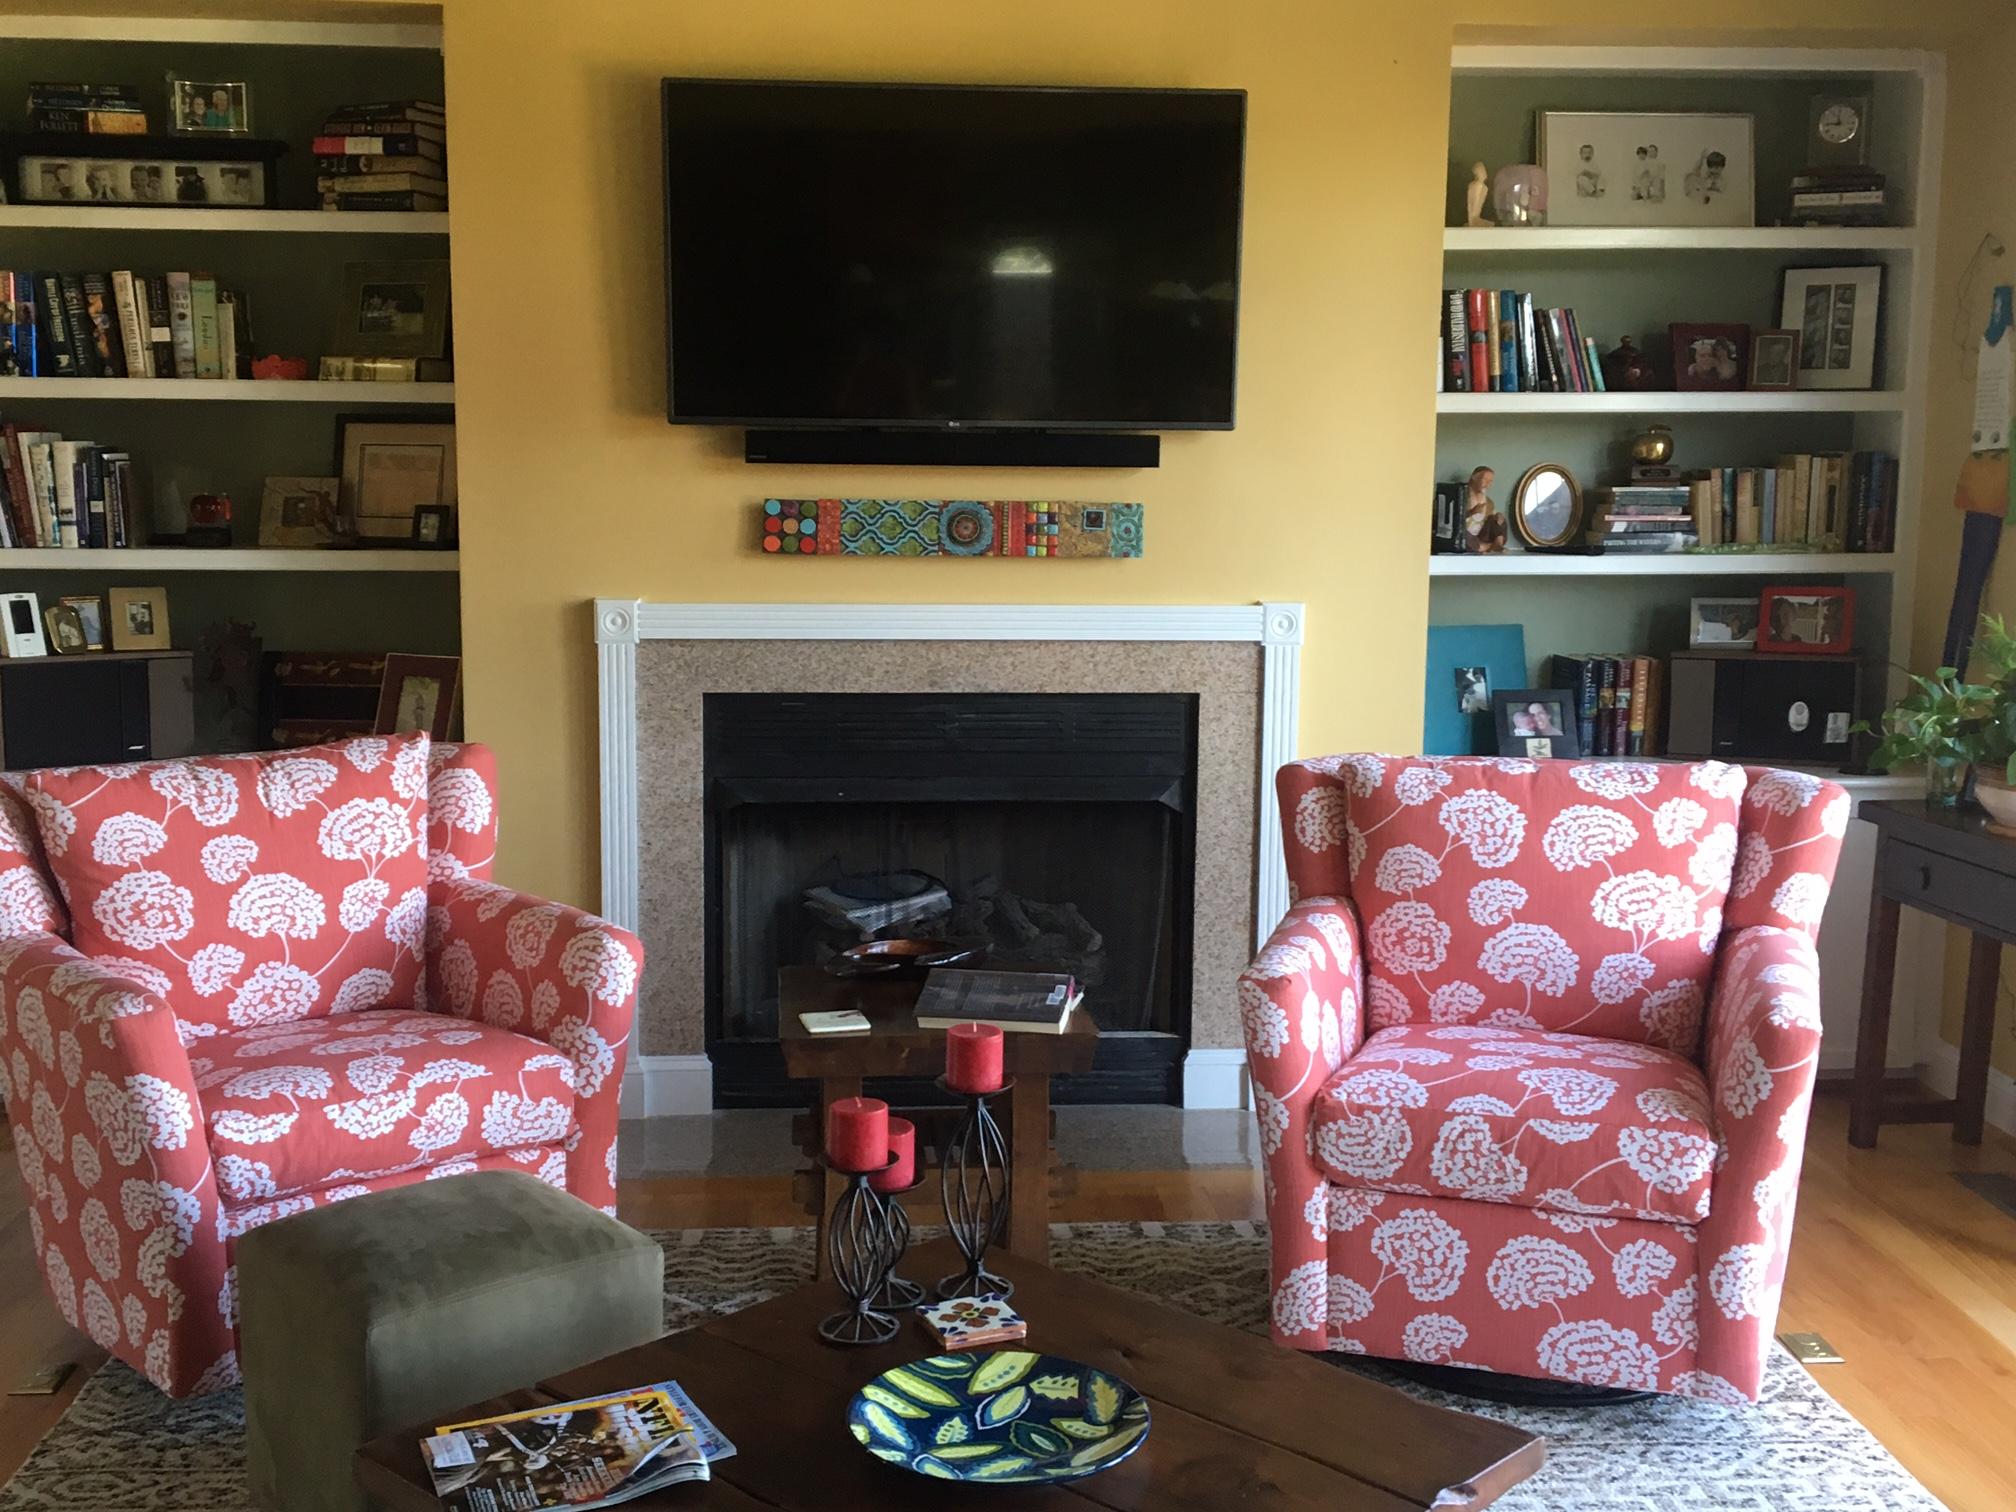 Virginia Family Room icm_fullxfull.97025352_71x3qdiob44kcw4ks0gw.jpg